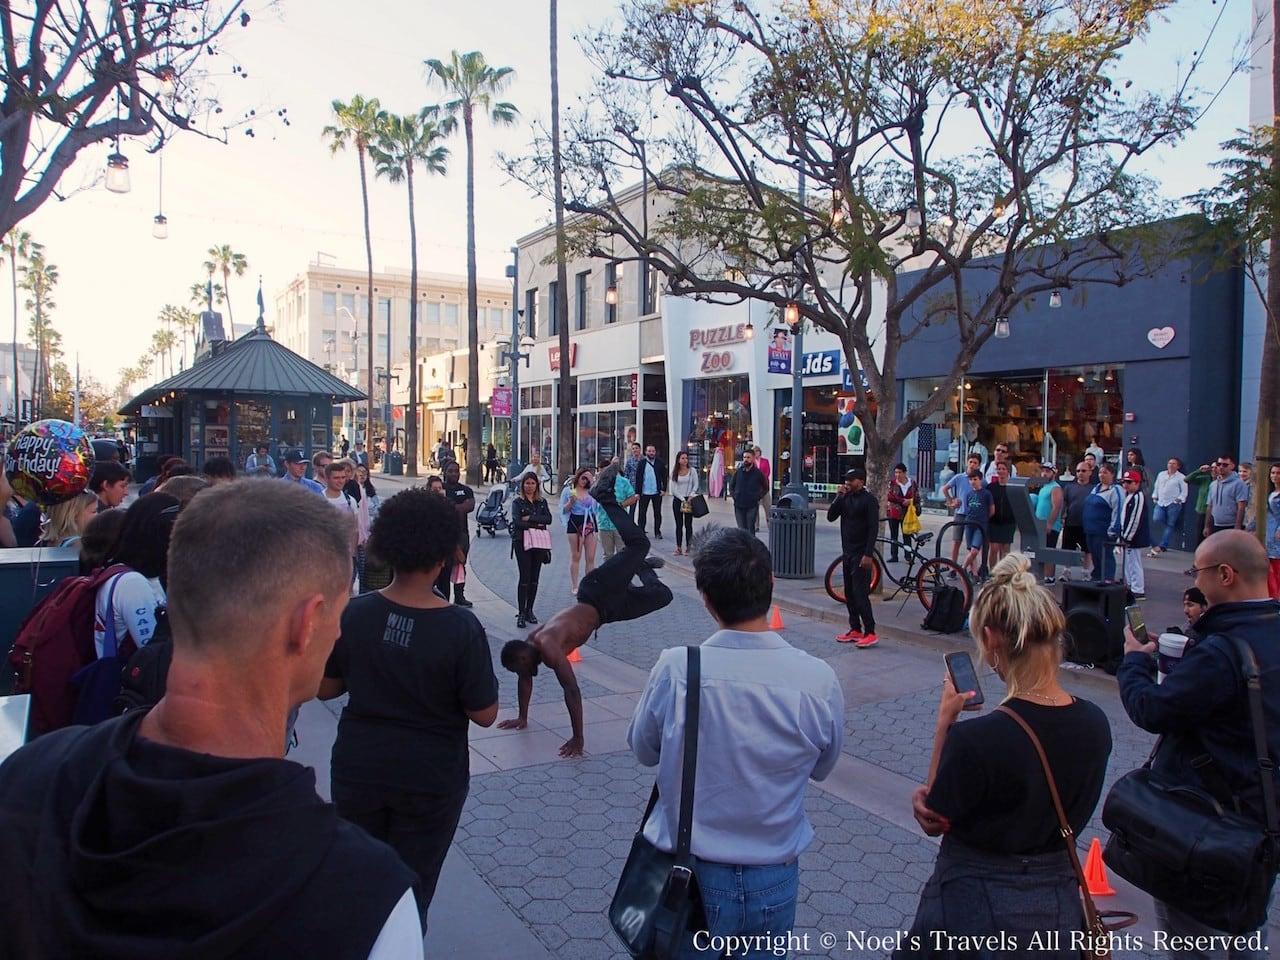 サンタモニカのストリートパフォーマンス